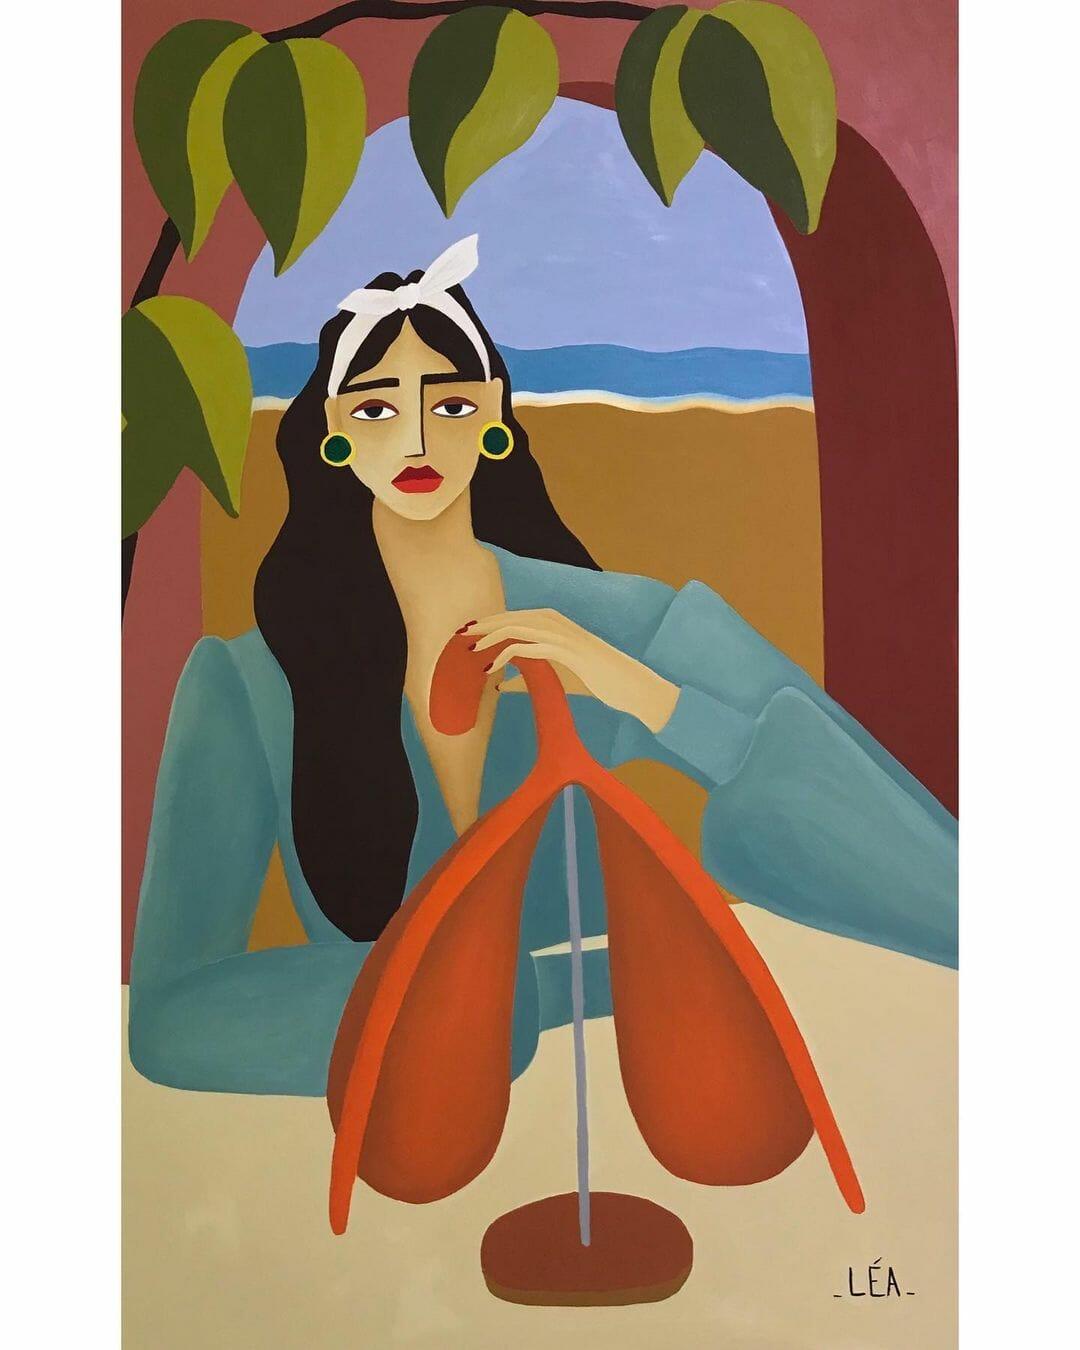 Une femme à chemisier bleu sculpte un clitoris géant et orange. Derrière elle, une arche, par laquelle on distingue un pasyage de plage.